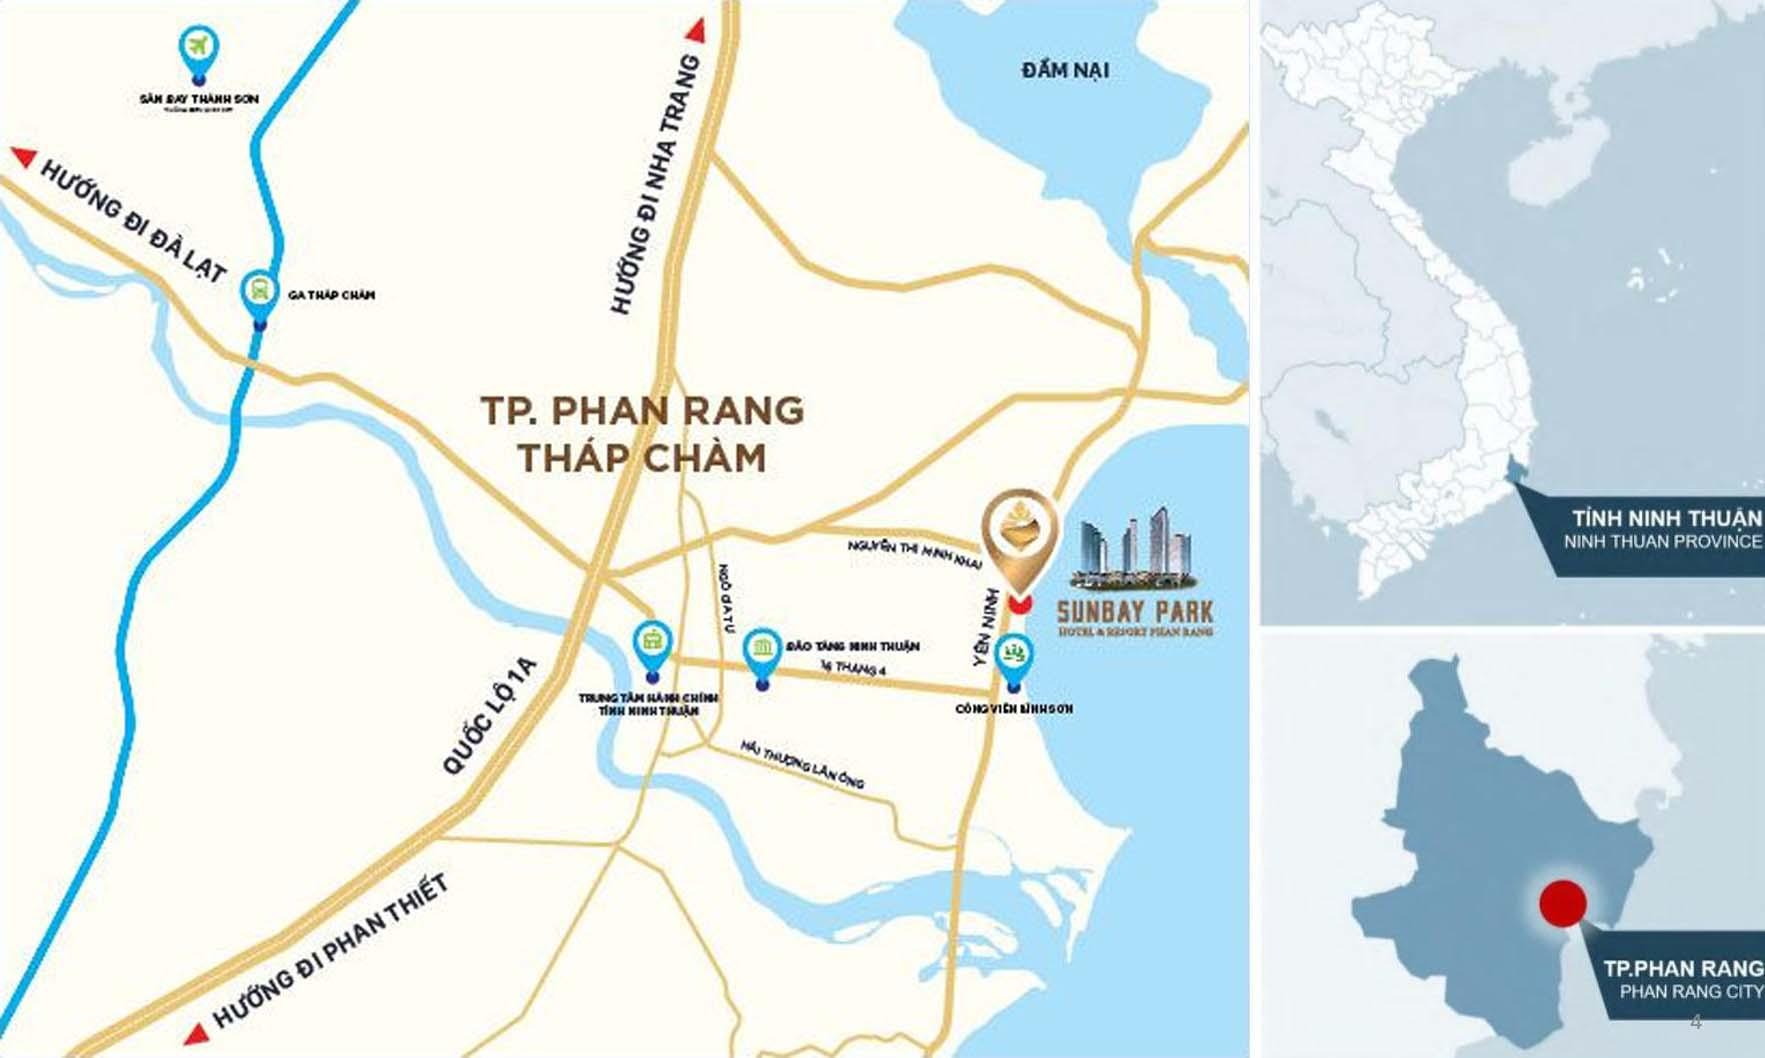 Vị trí chính xác dự án Sunbay Park Phan Rang Ninh Thuận